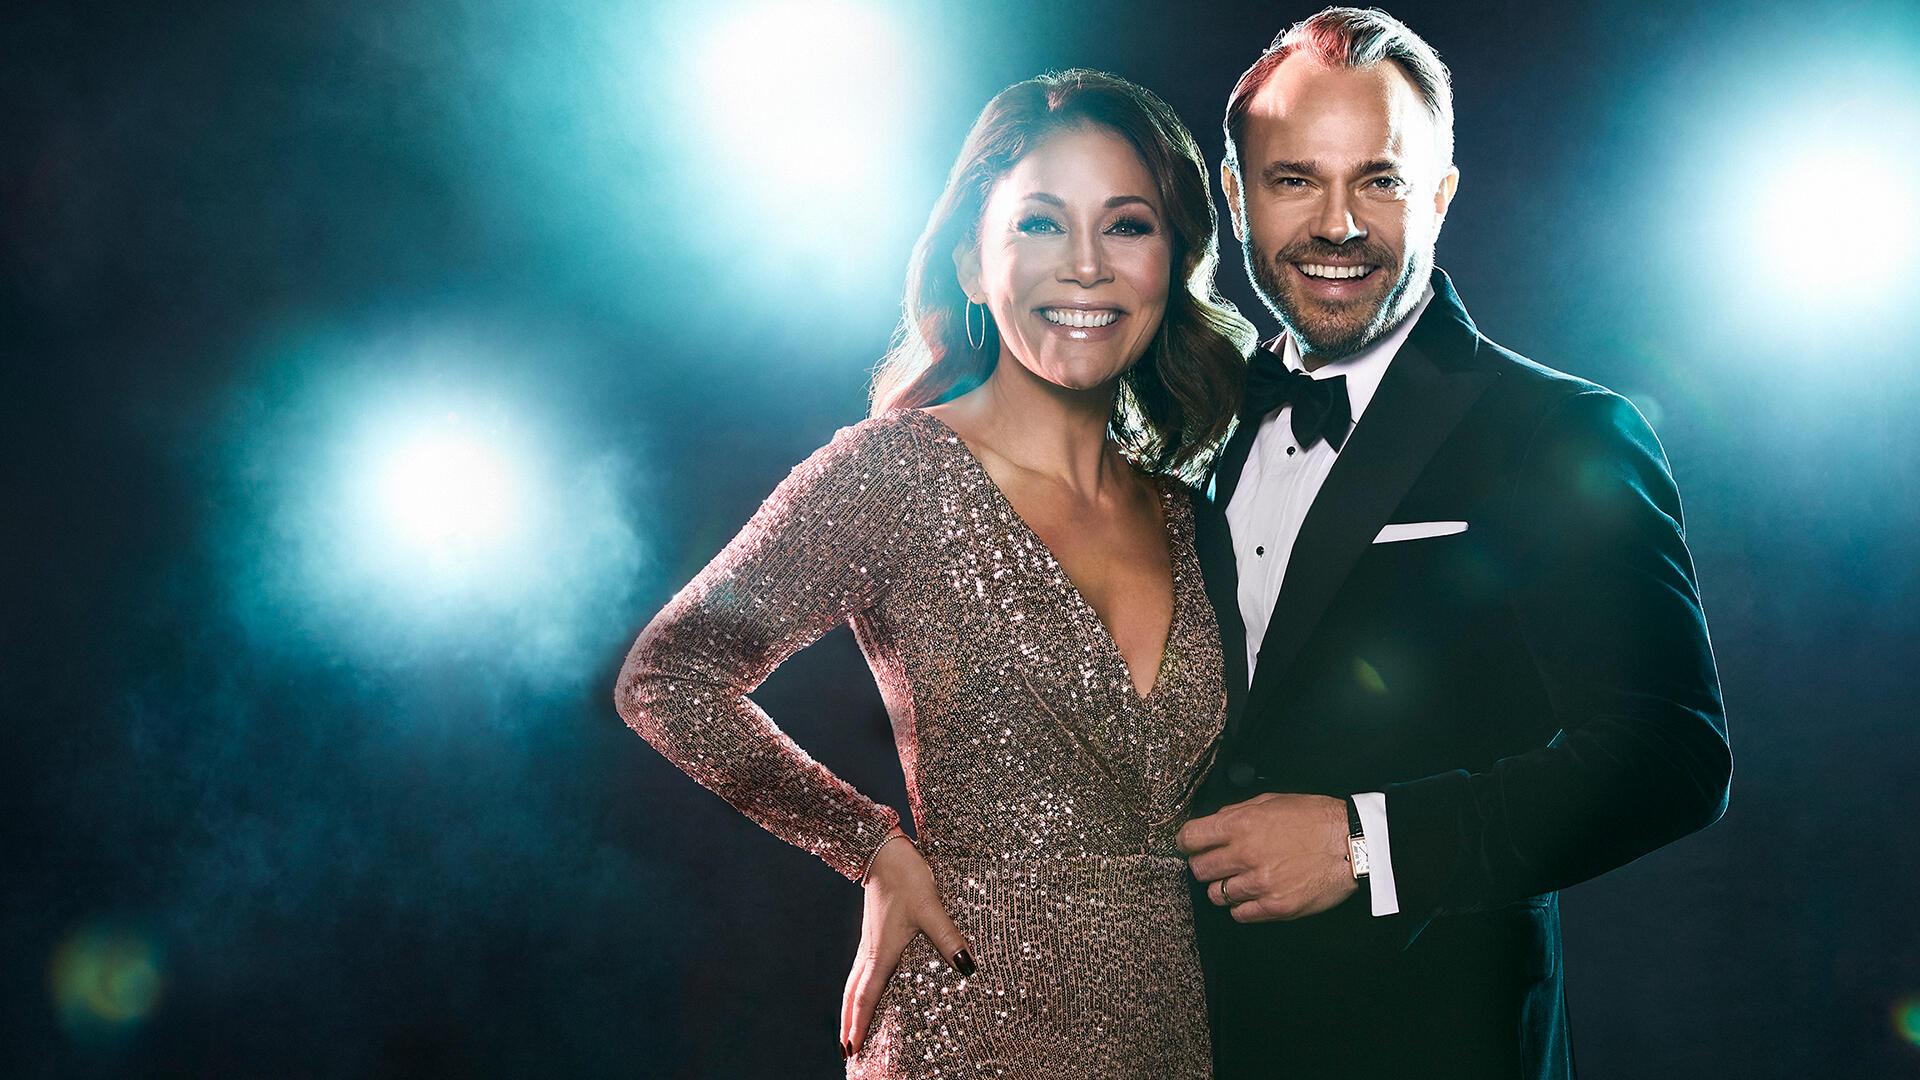 Programledare. Let's Dance 2020 © TV4/C More